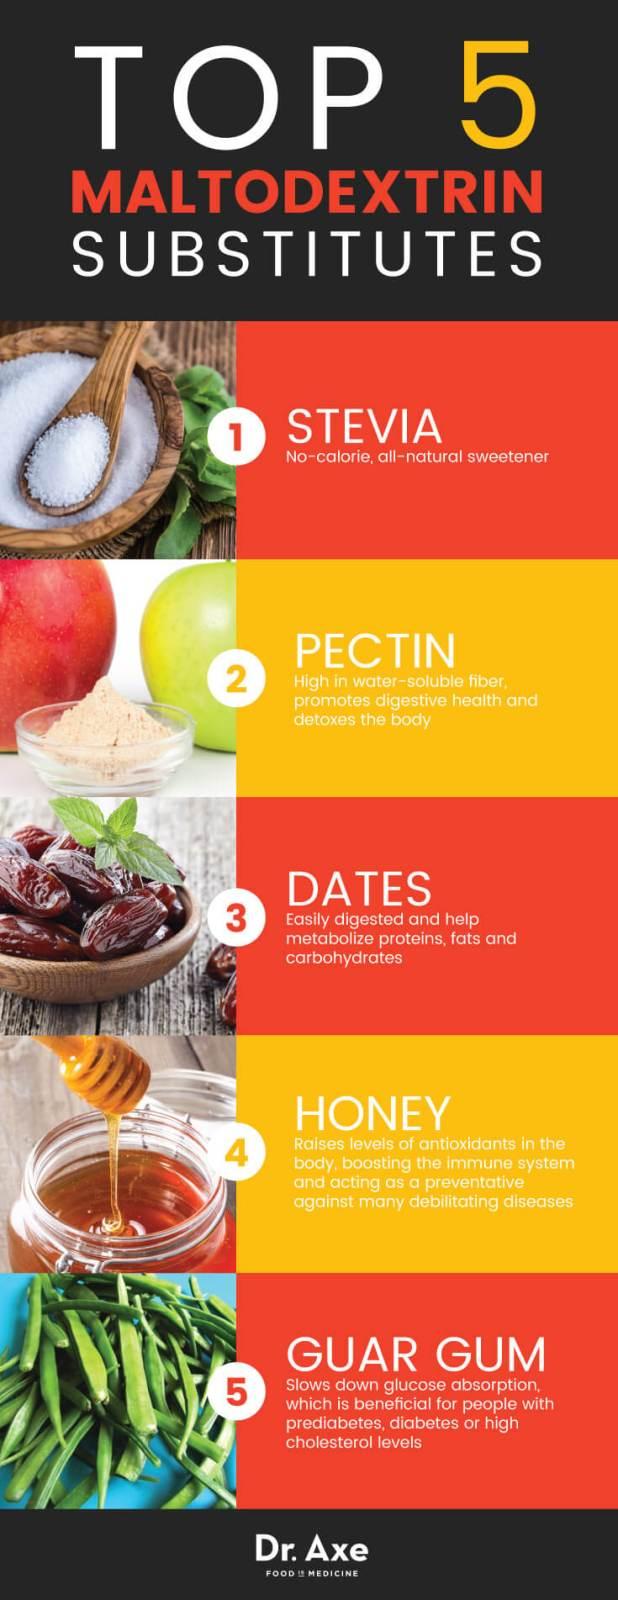 Maltodextrin substitutes - Dr. Axe